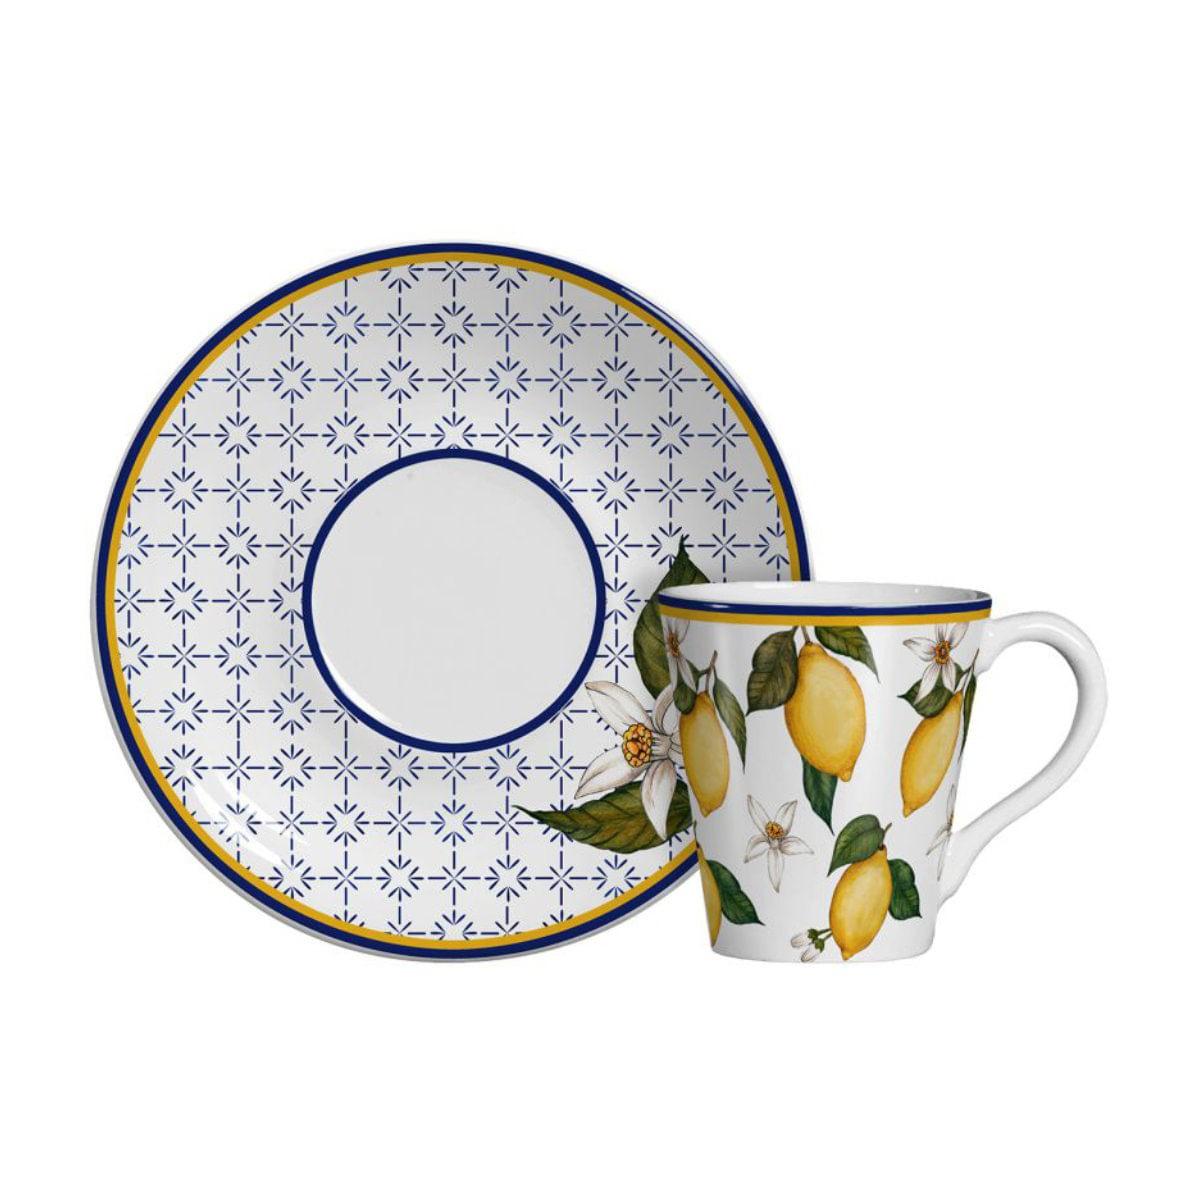 Jogo Xícaras de Chá Scalla Sicília - Limões Sicilianos (6 Pessoas)